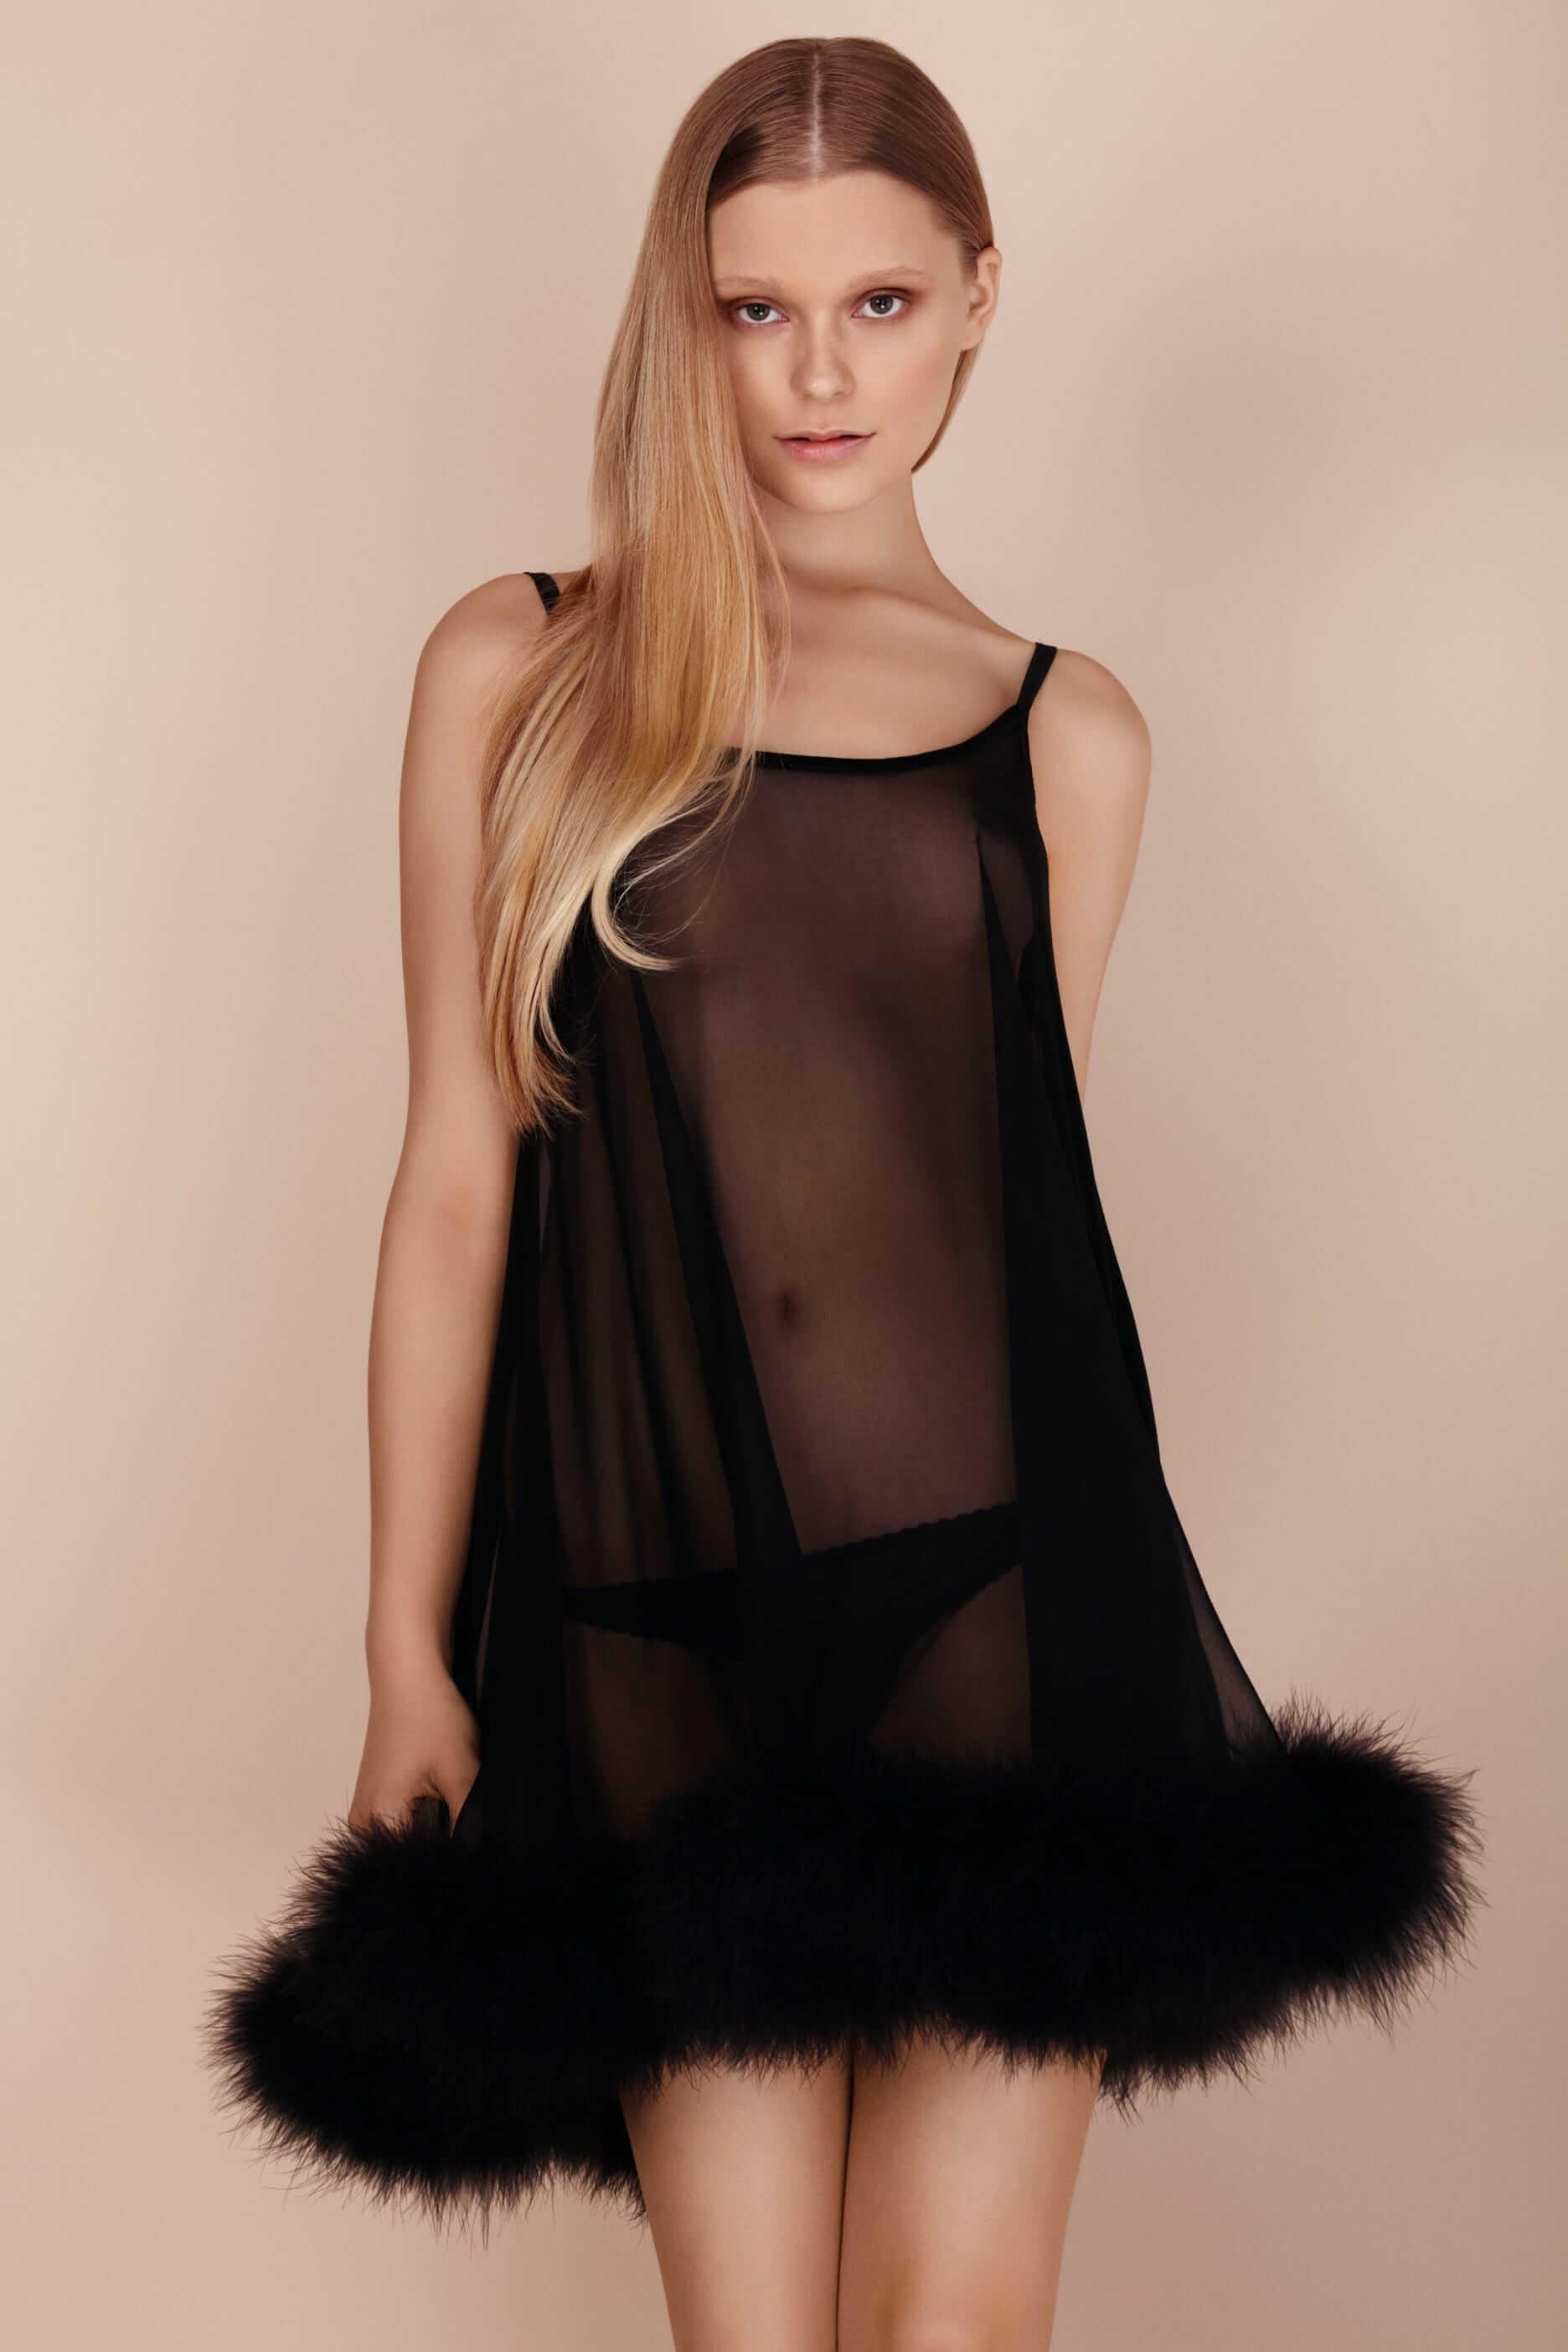 Где искать будуарную одежду со страусиными перьями и перьями марабу. Пеньюар с перьями марабу от английского бренда Gilda & Pearl